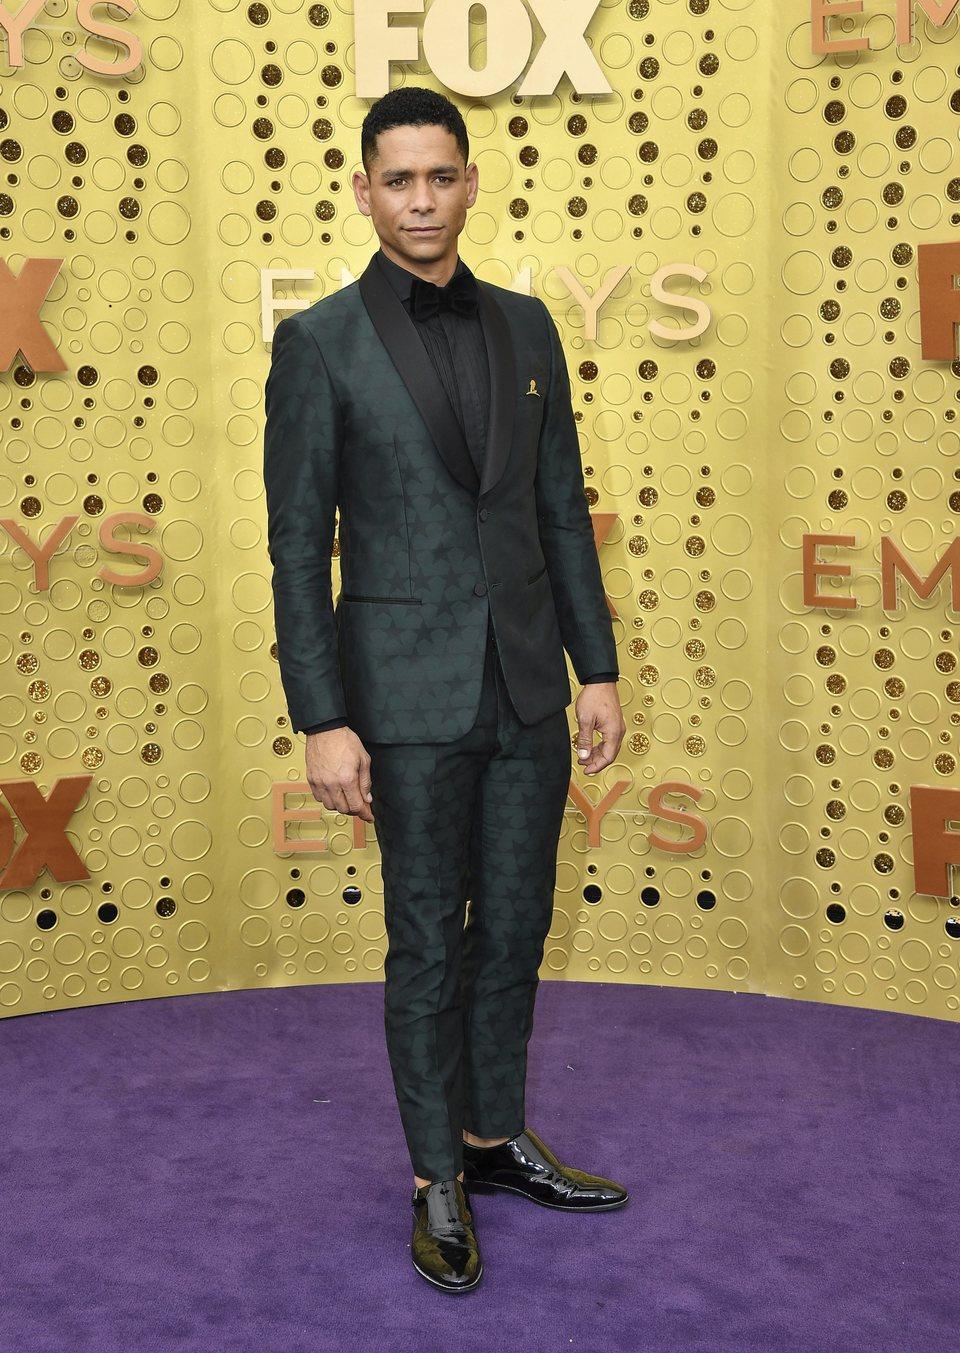 Charlie Barnett en la alfombra roja de los premios Emmy 2019